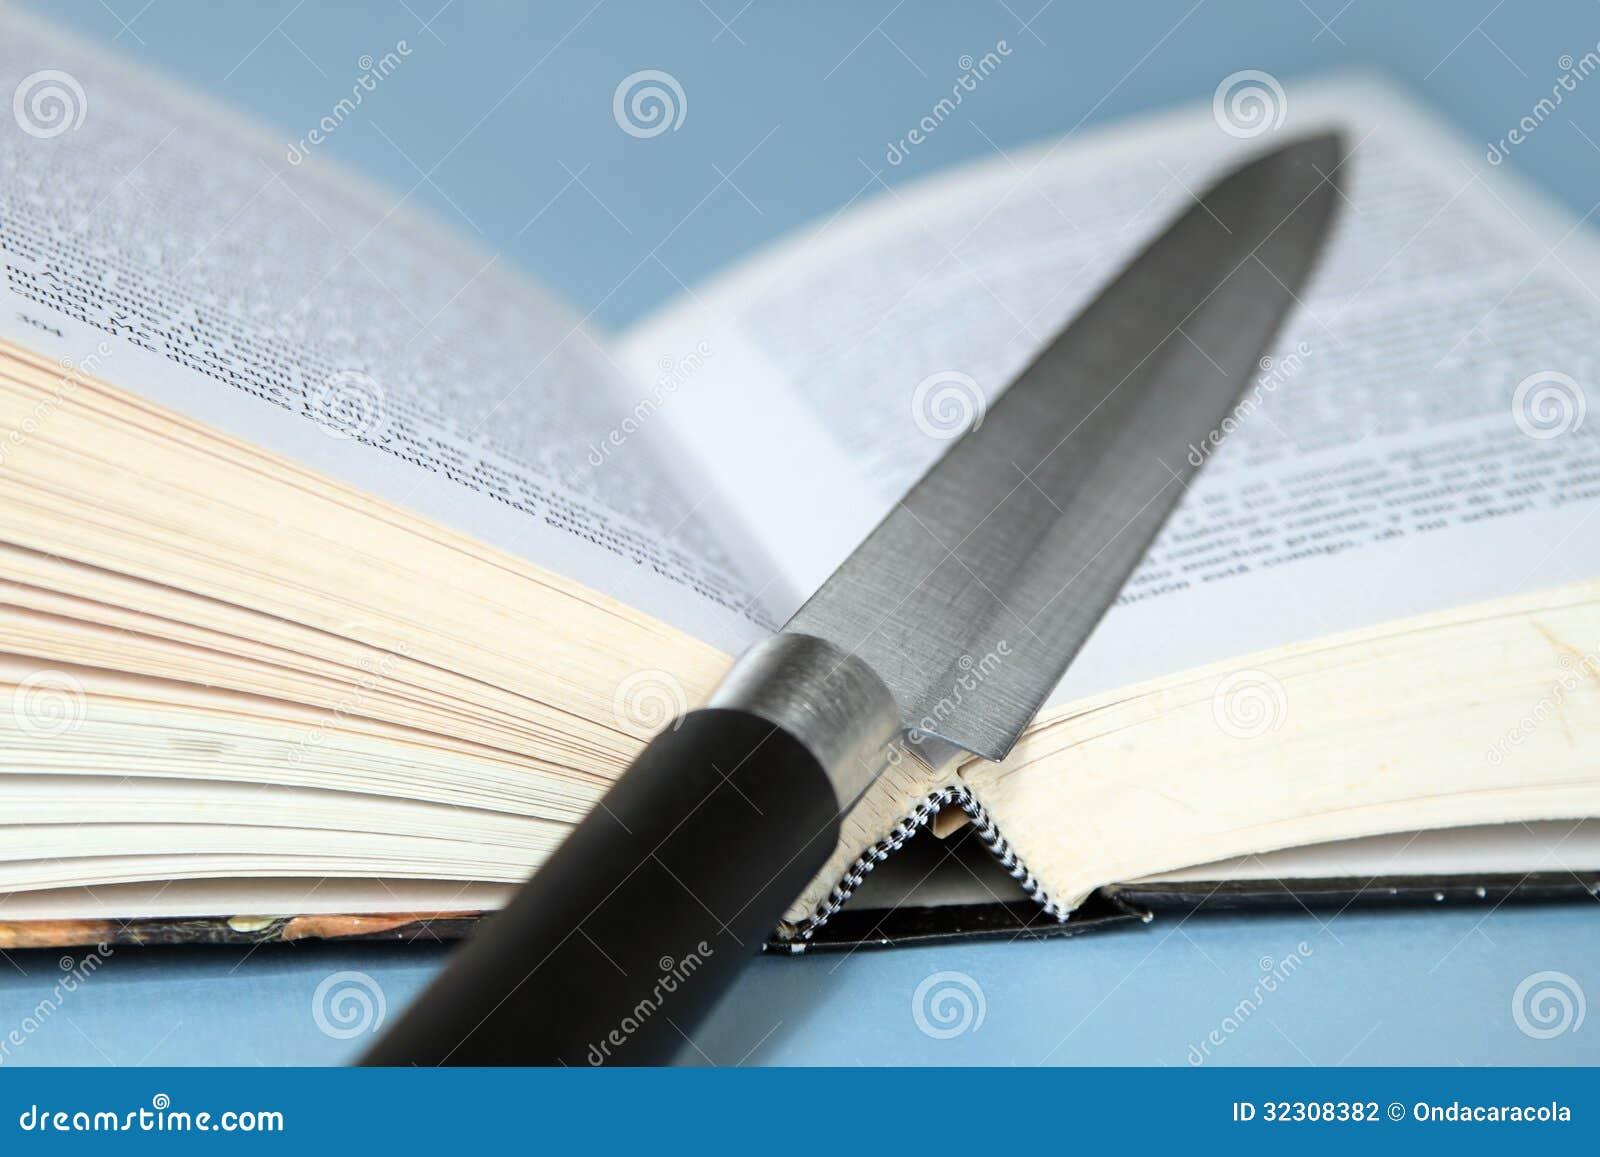 Cuchillo y libro